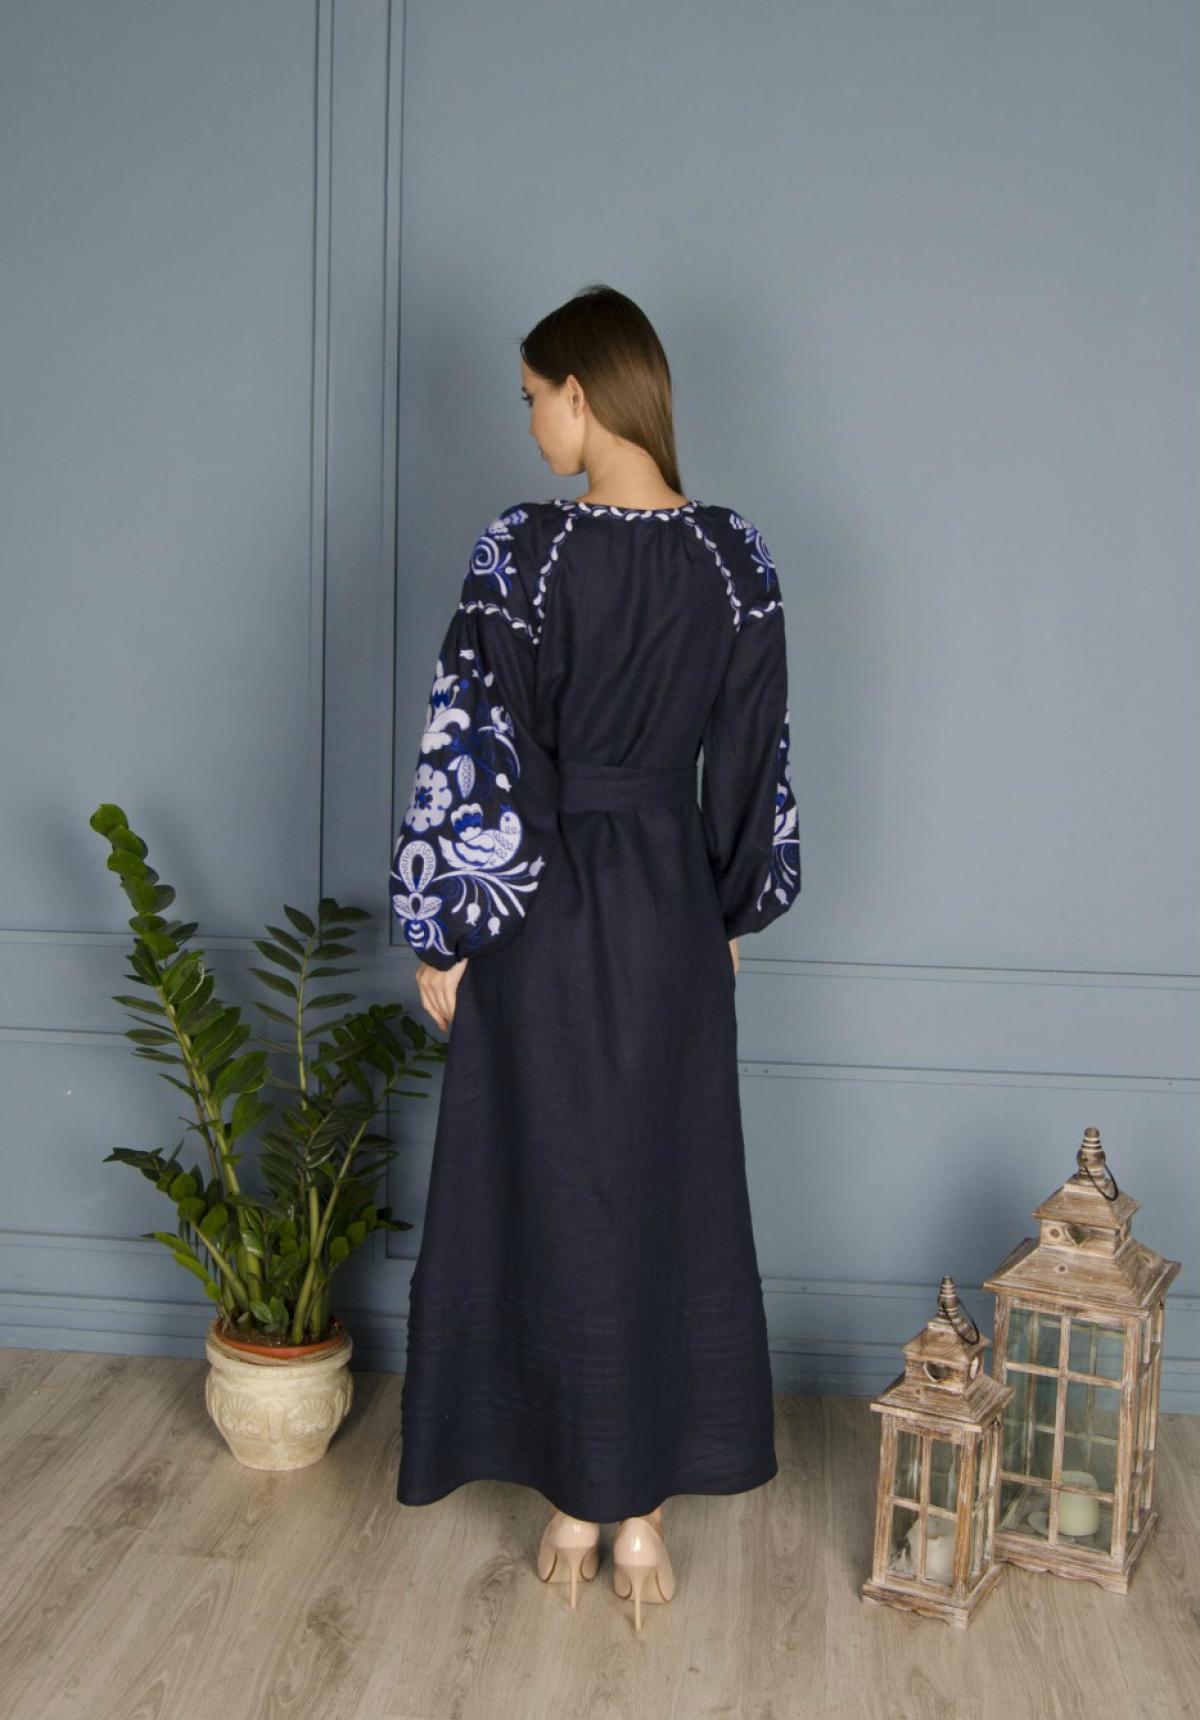 Довга синя лляна сукня з білим орнаментом. Фото №2. | Народний дім Україна